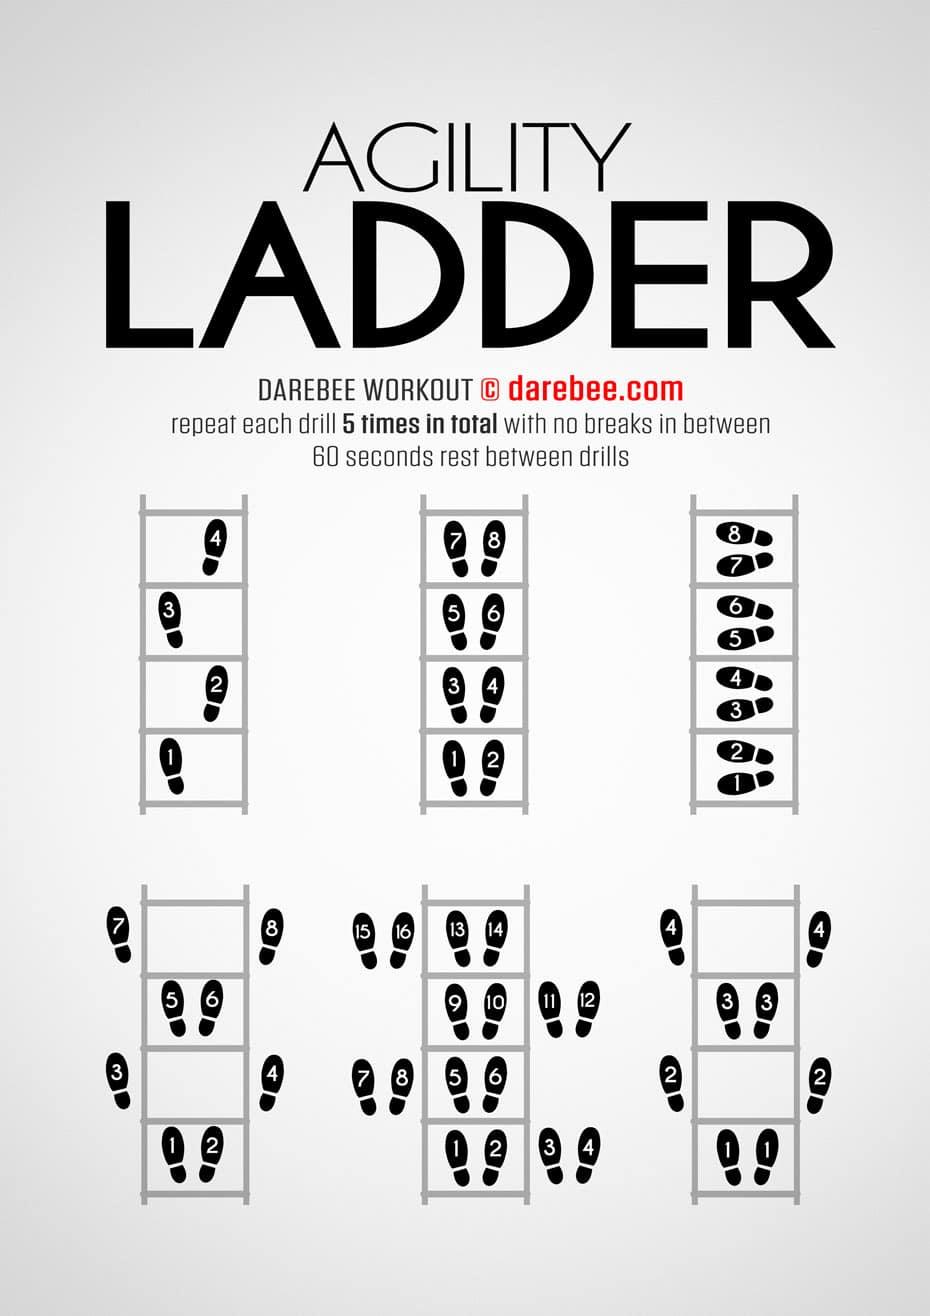 Bildquelle: Darebee.com // Agility Ladder - Agilitätsleiter: Die effektivsten Fitnessgeräte platzsparend für zuhause und unterwegs auf Reisen, um Muskeln aufzubauen (Muskelaufbau) Fett abzubauen an Bauch, Beine und Po